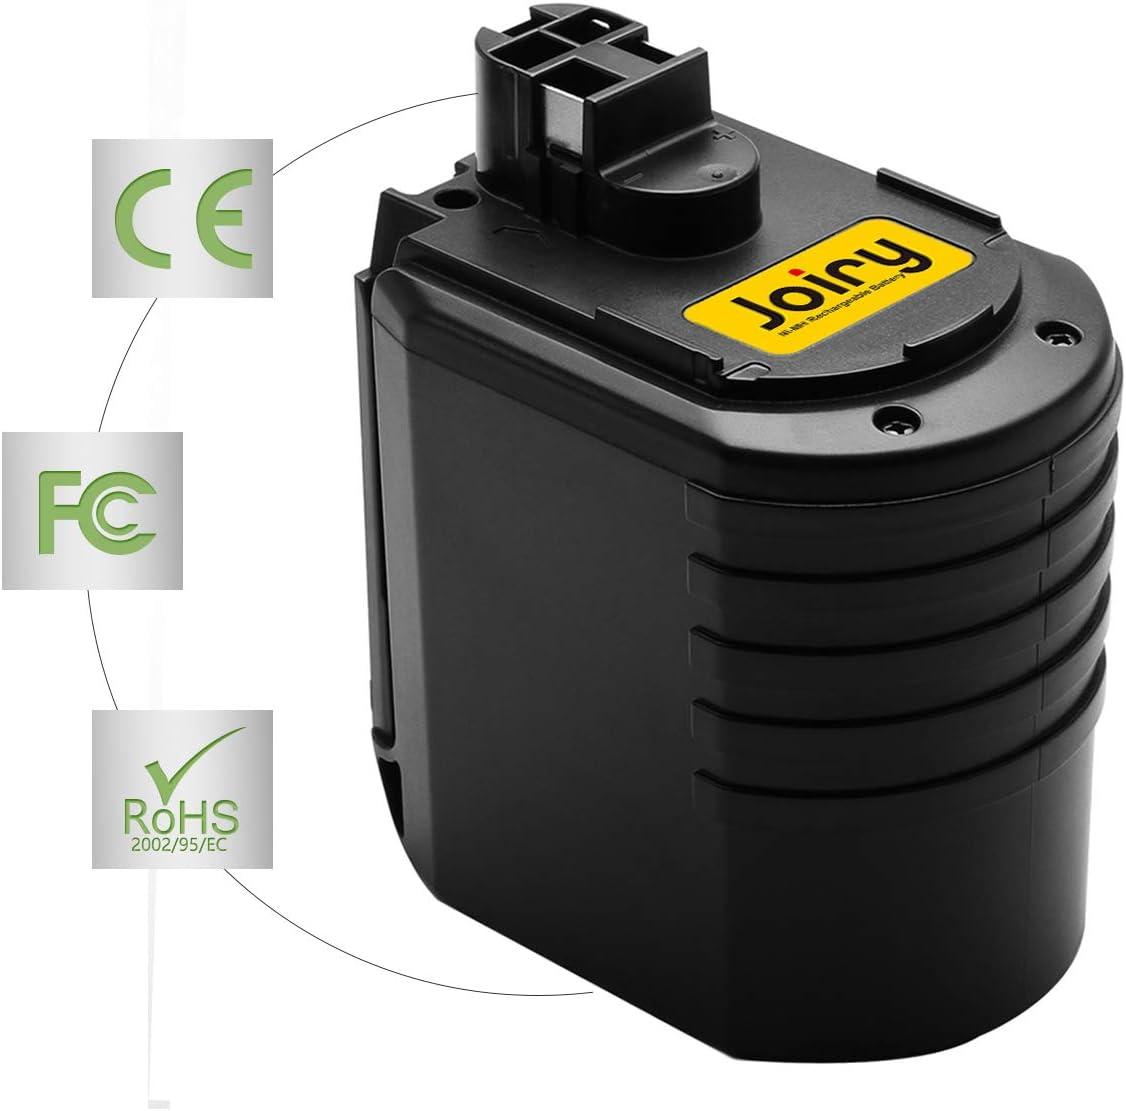 Ni-MH Battery Joiry 24V 3.5Ah Battery Compatible with Bosch GBH24VRE GBH24VFR GBH24VSR BBH24VRE BAT019 BAT020 BAT021 11225VSR 2607335082 2607335216 2607335190 2607335163